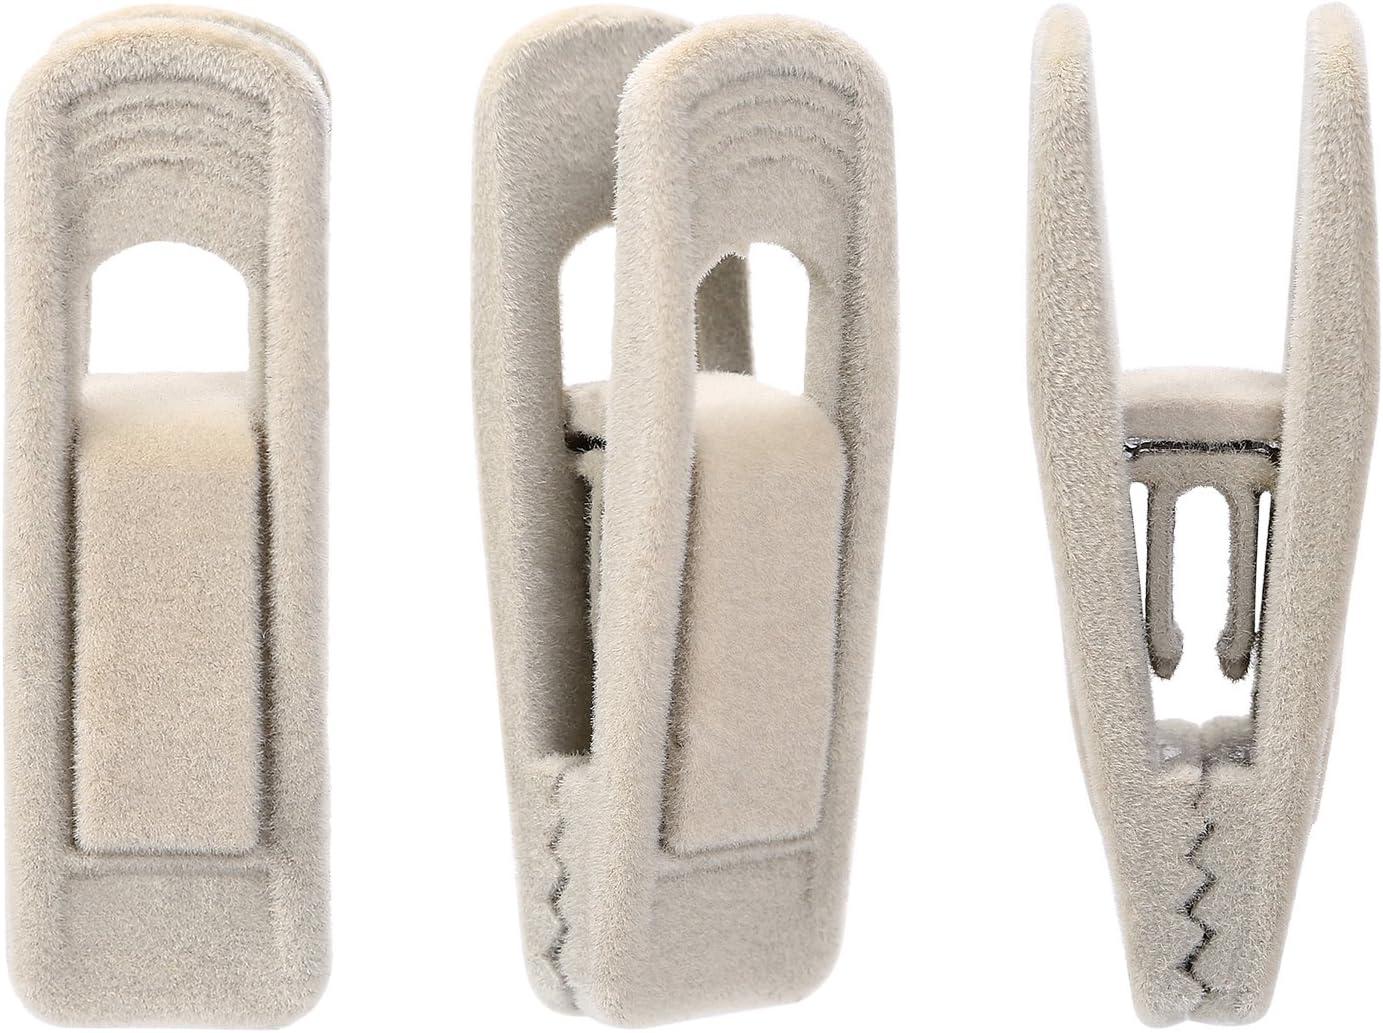 Corodo Velvet Hangers Clips 20 Pack, Ivory Pants Hangers Velvet Clips, Strong Finger Flocked Clips Perfect for Use with Slim-line Clothes Velvet Hangers